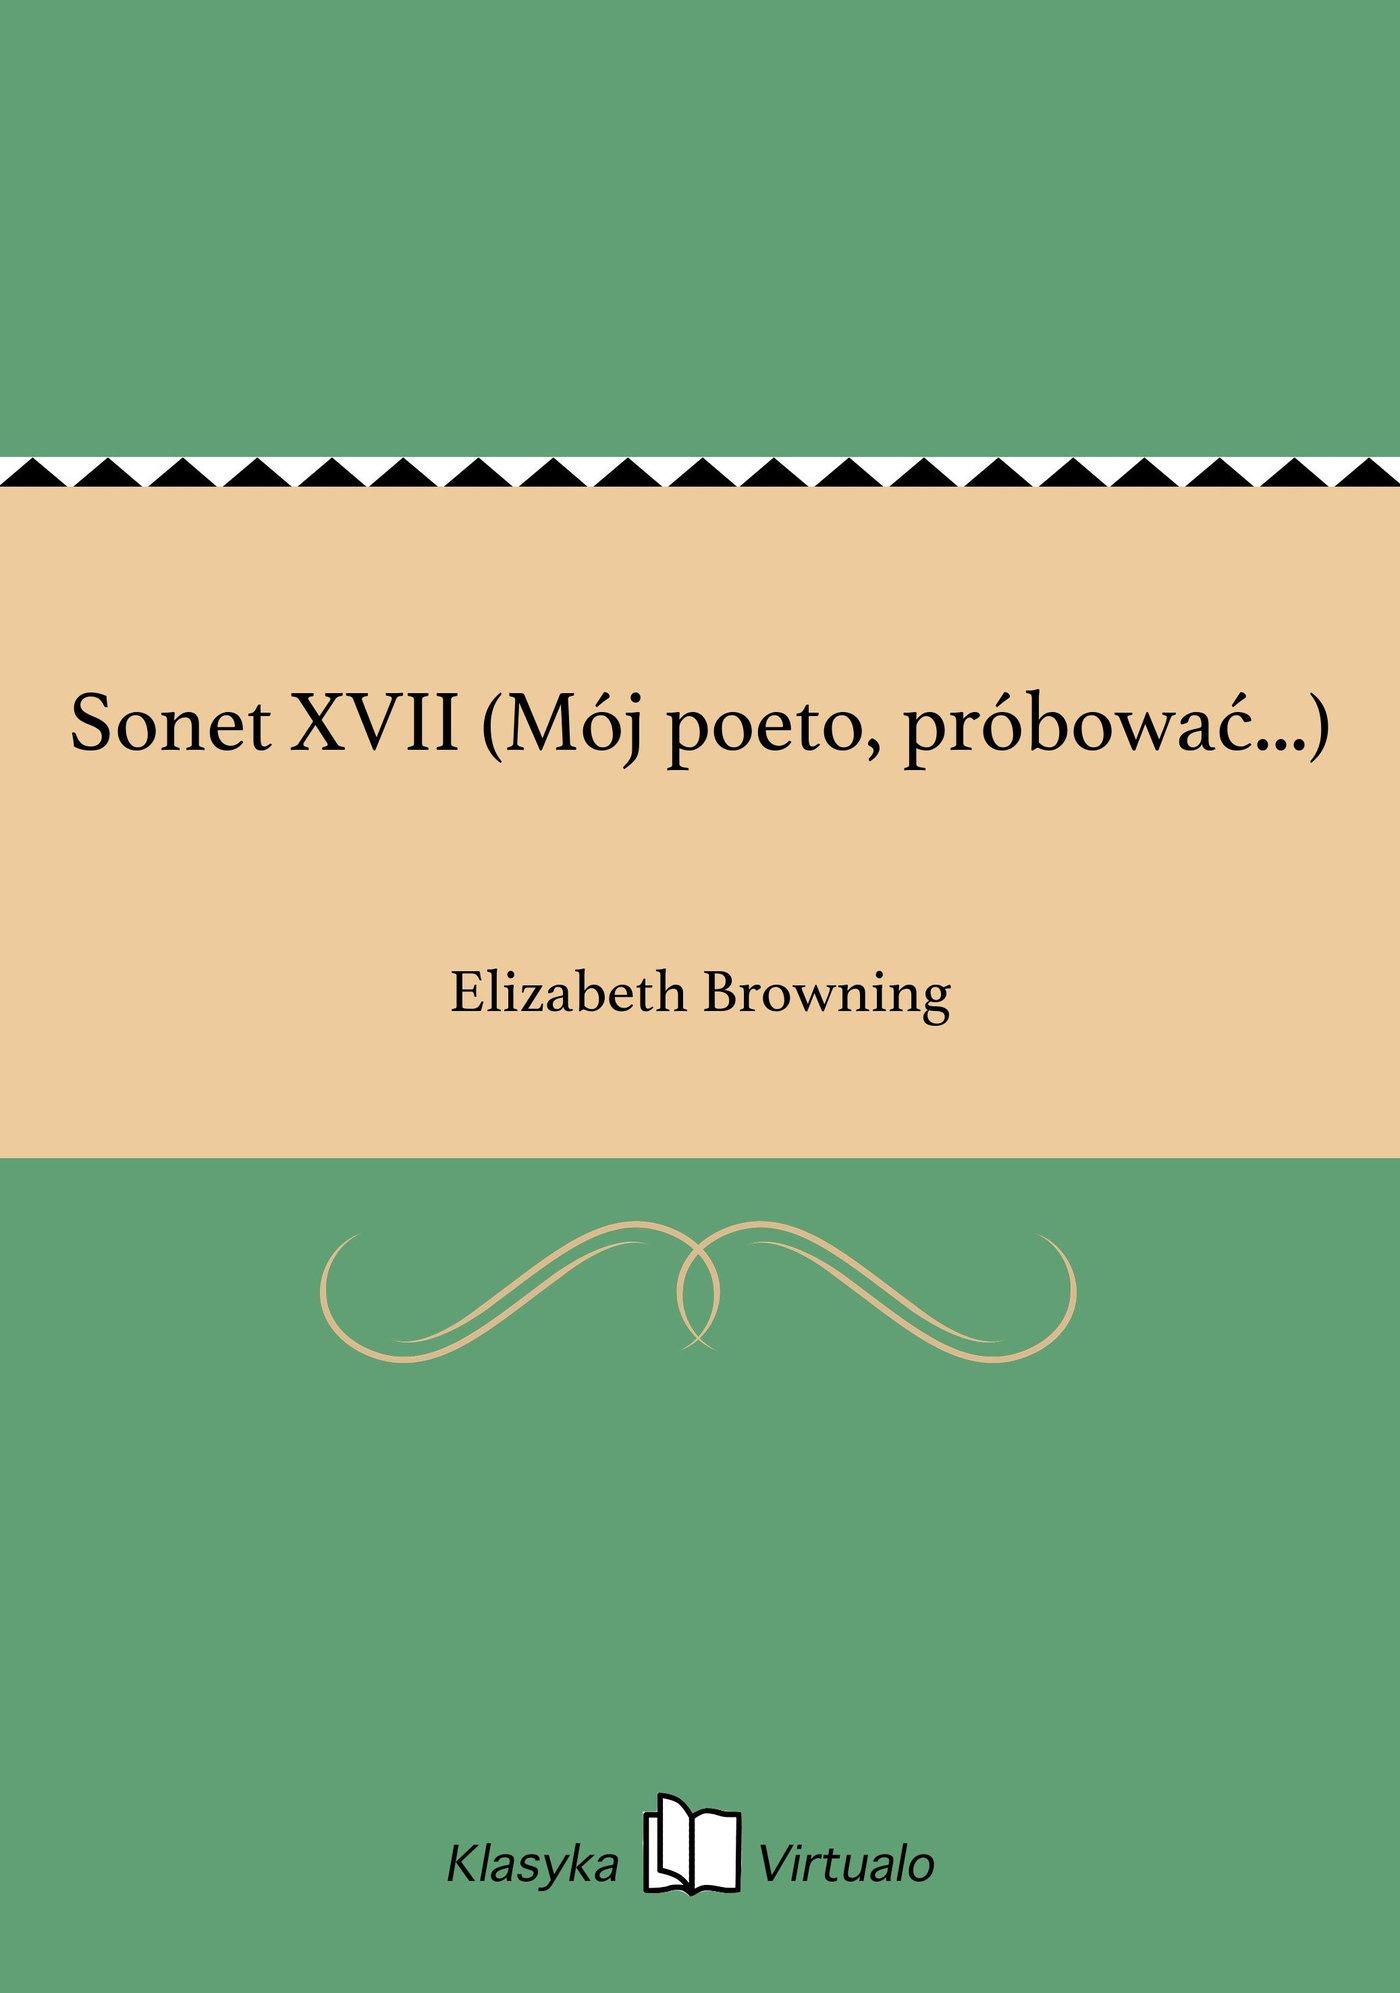 Sonet XVII (Mój poeto, próbować...) - Ebook (Książka EPUB) do pobrania w formacie EPUB